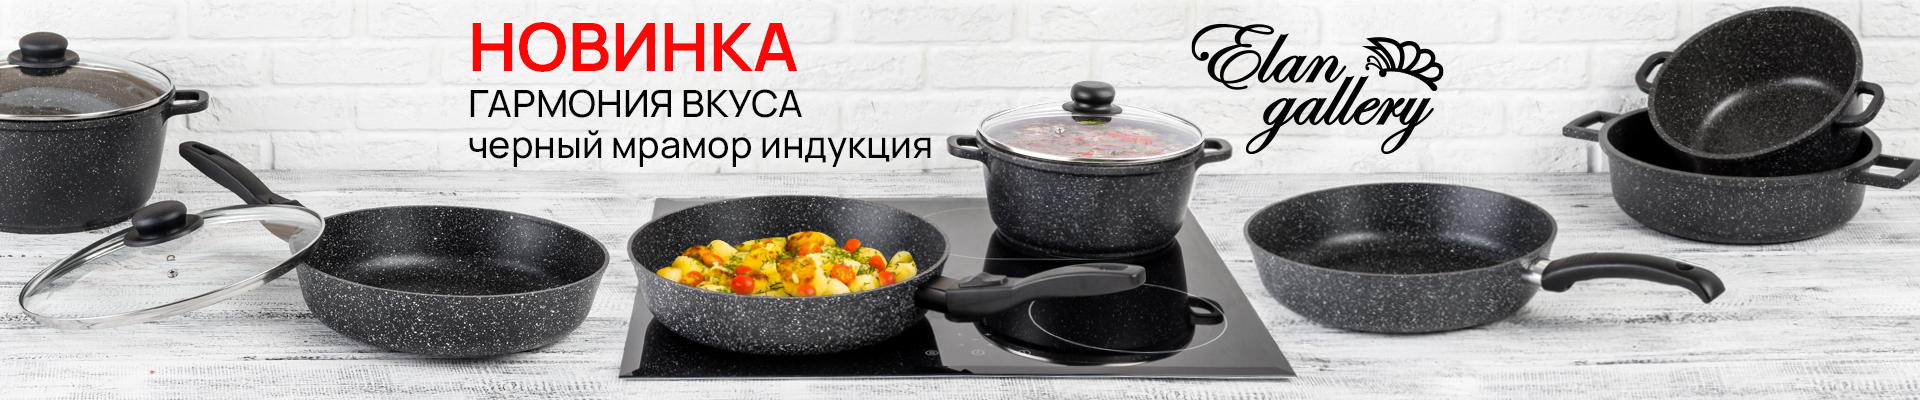 Новинка для индукционных плит